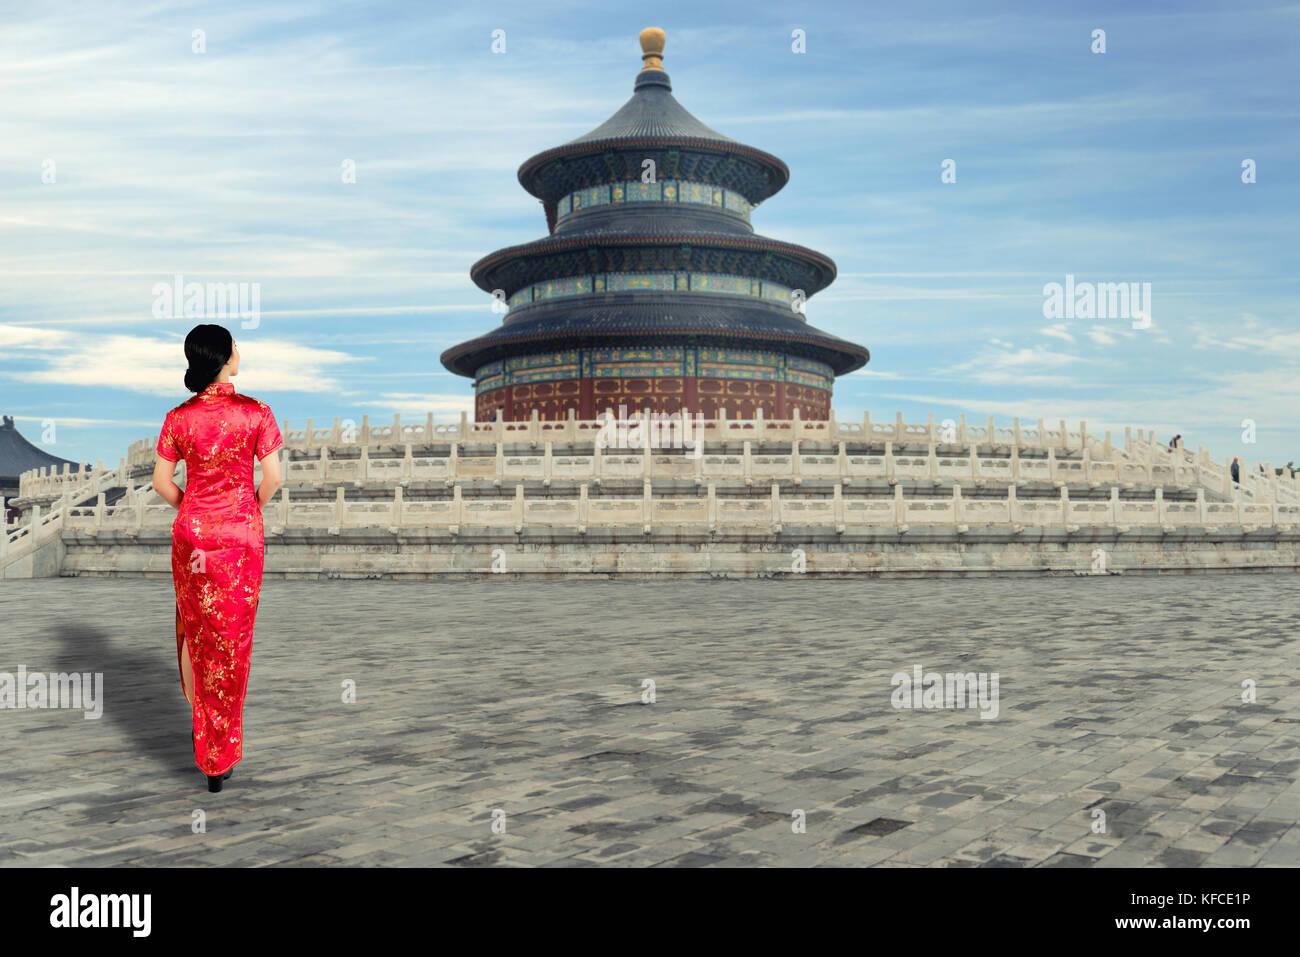 Asian giovane donna nel vecchio tradizionali abiti cinesi nel tempio del cielo a Pechino in Cina. Immagini Stock